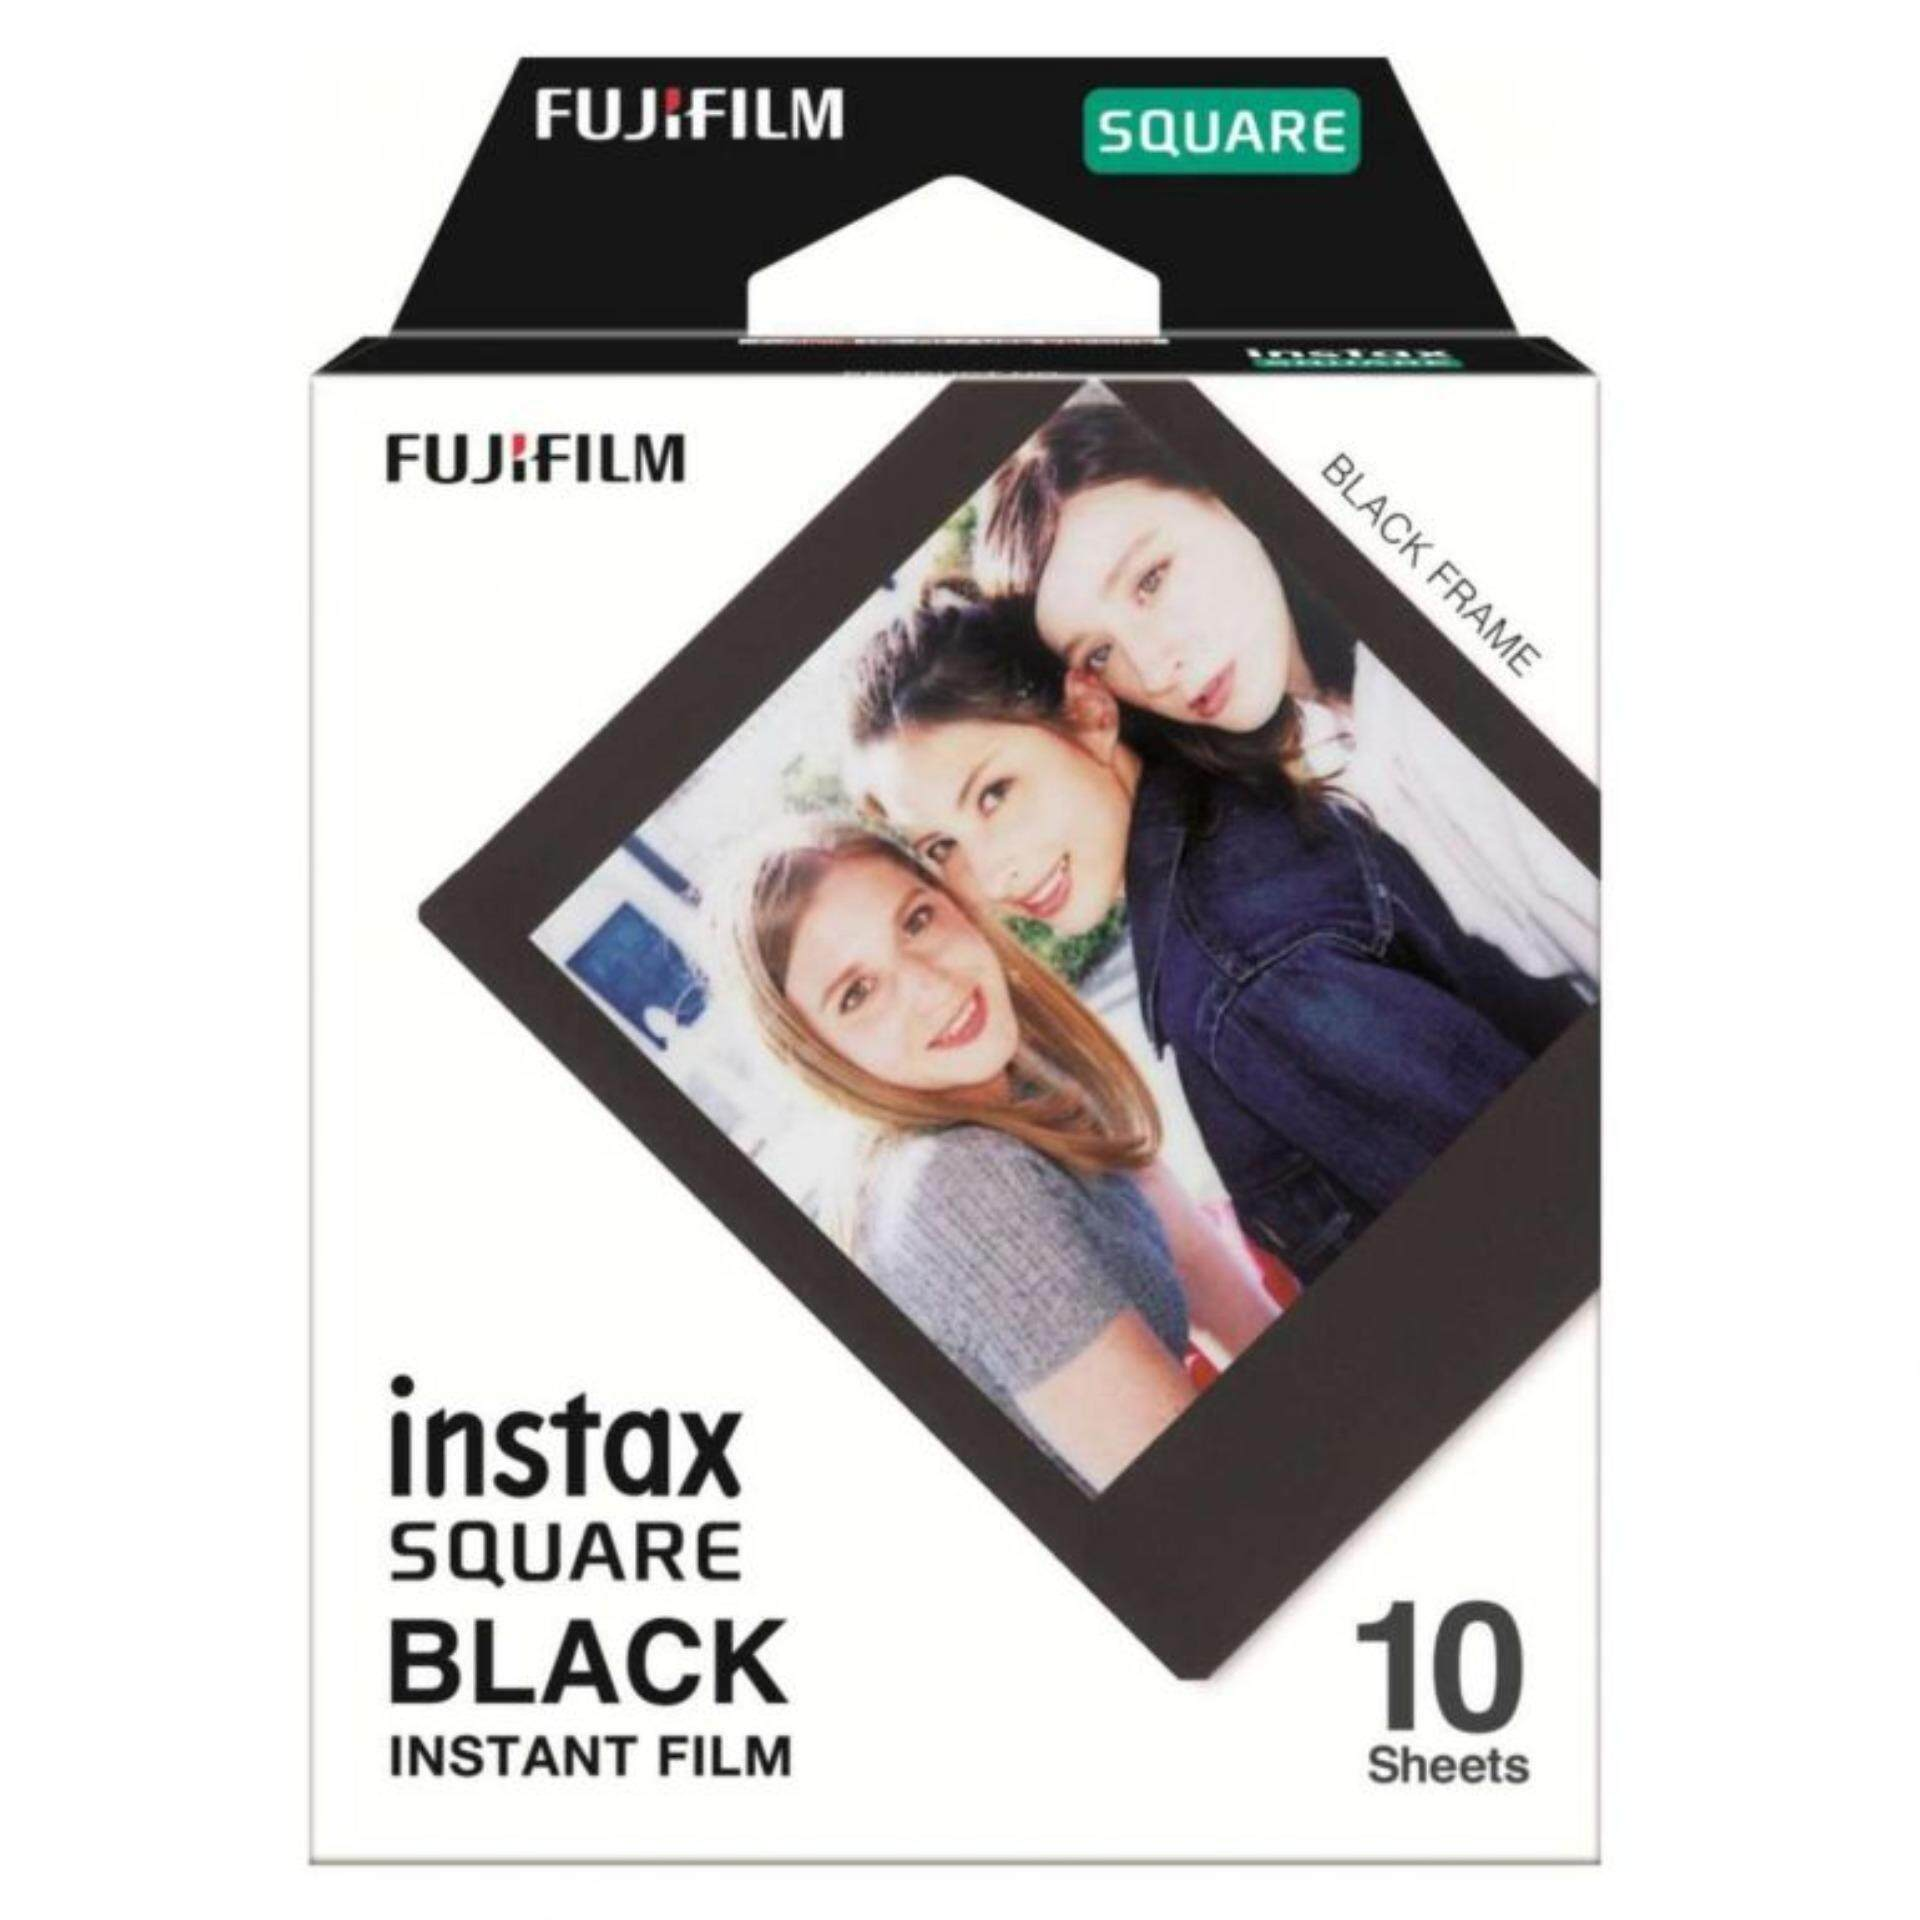 Fujifilm Instax Square Black Frame Film Film For Instax Square Cameras.